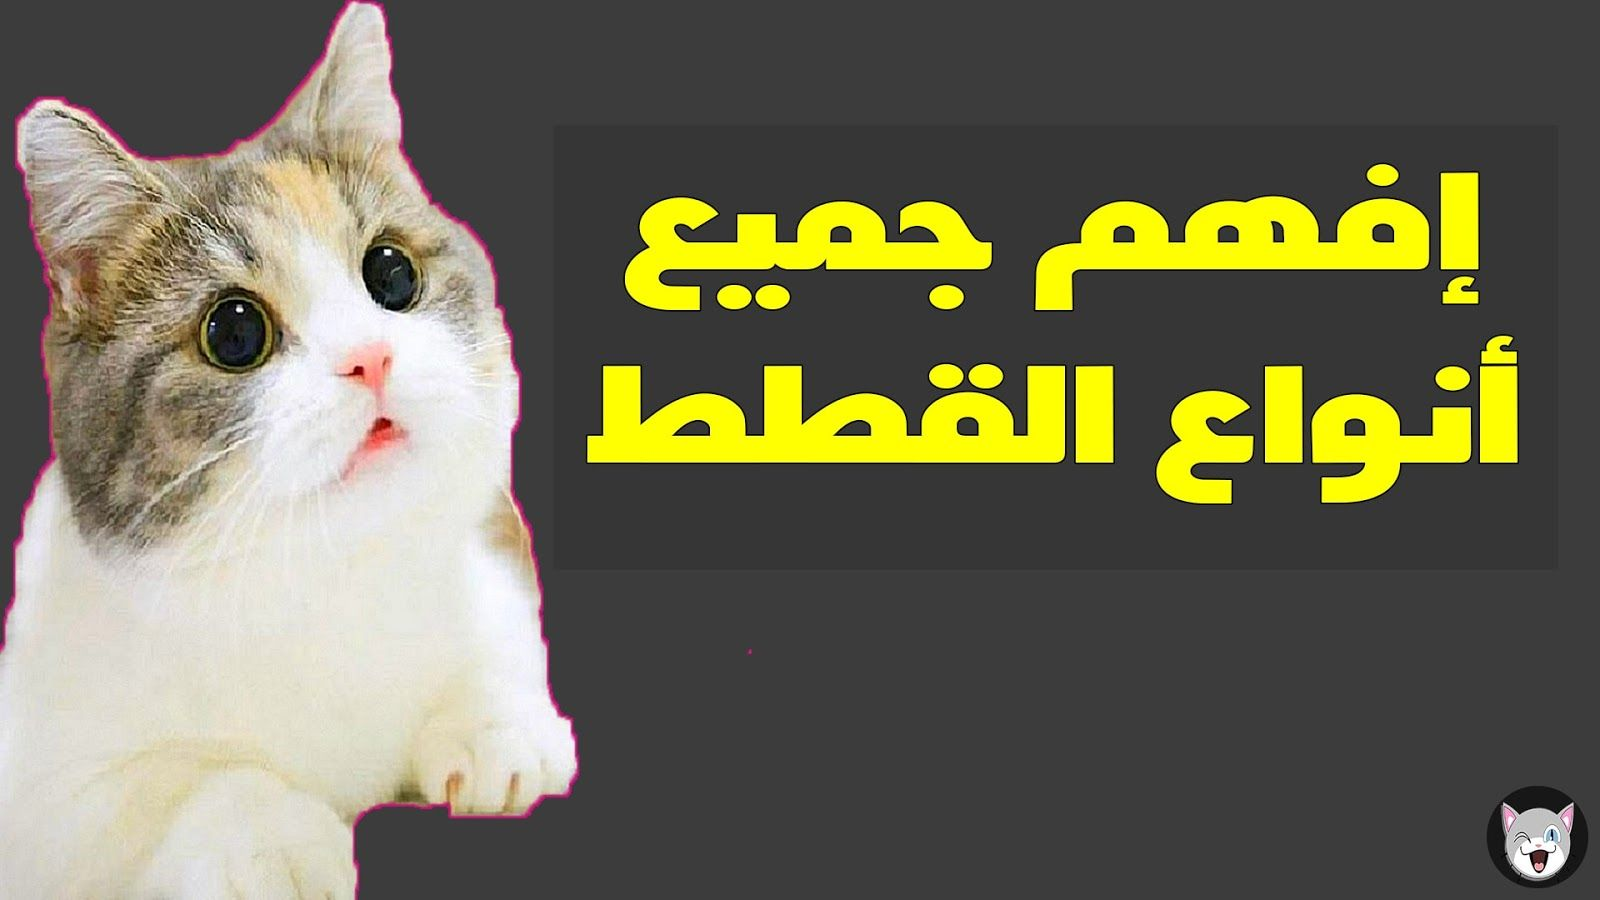 تعلم لغة القطط من خلال فهم أصواتها Cat Language Language Kal